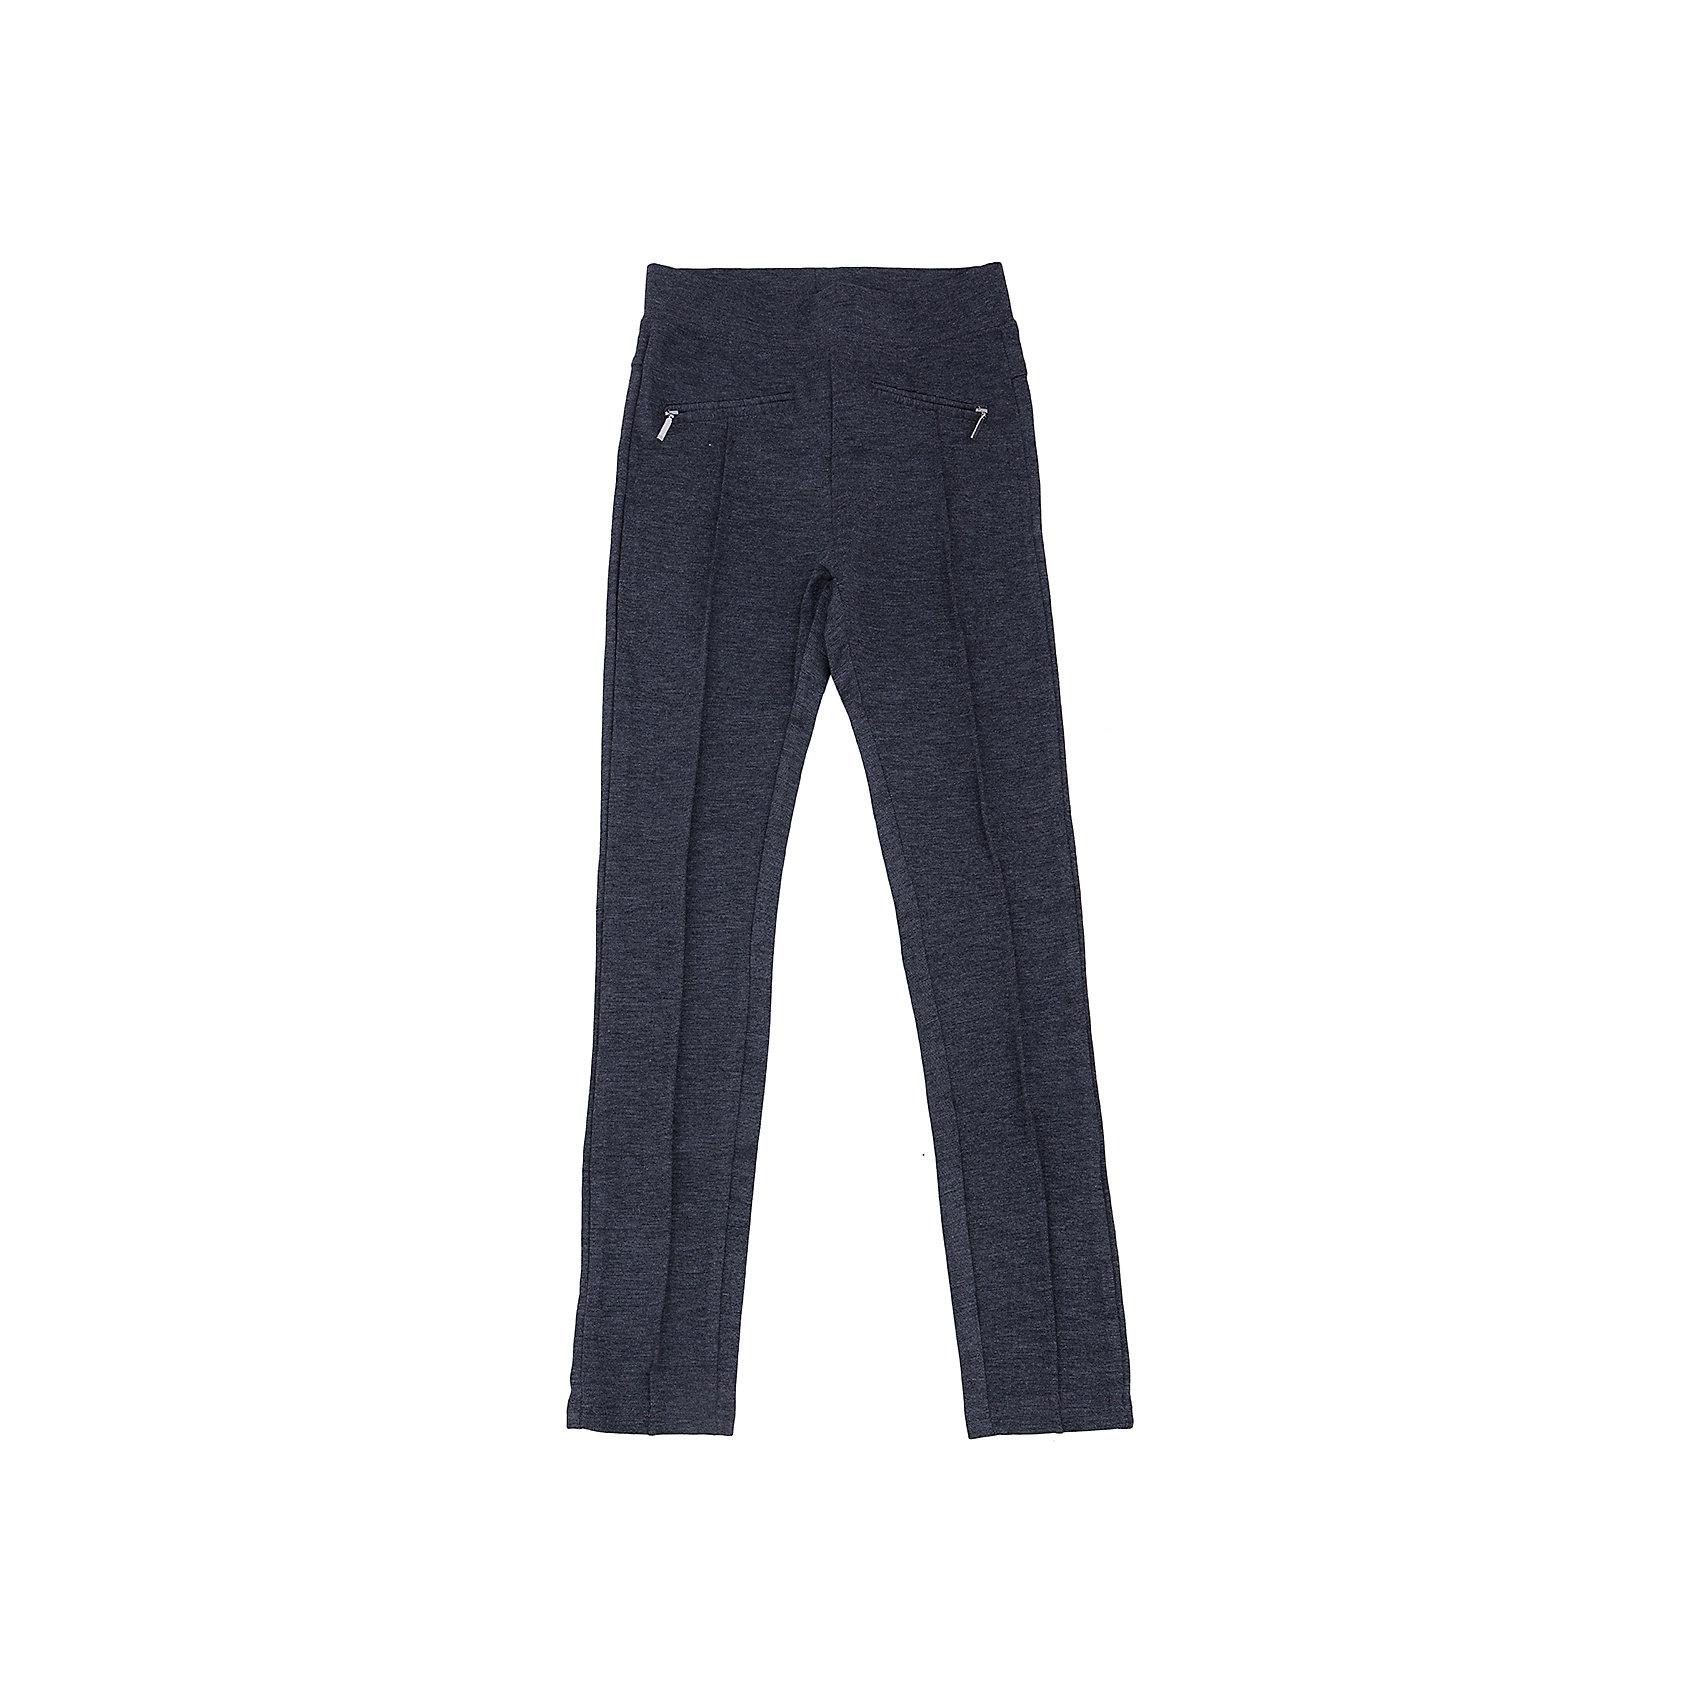 Брюки для девочки LuminosoБрюки для девочки от известного бренда Luminoso<br>Стильные брюки прямого покроя с декоративными рельефными  стрелками и молниям. Модель выполнена из эластичного трикотажа высокого качества, в пояс вст<br>Состав:<br>65% хлопок, 30% полиэстер,  5% эластан<br><br>Ширина мм: 215<br>Глубина мм: 88<br>Высота мм: 191<br>Вес г: 336<br>Цвет: серый<br>Возраст от месяцев: 84<br>Возраст до месяцев: 96<br>Пол: Женский<br>Возраст: Детский<br>Размер: 128,134,140,146,152,158,164<br>SKU: 4728965